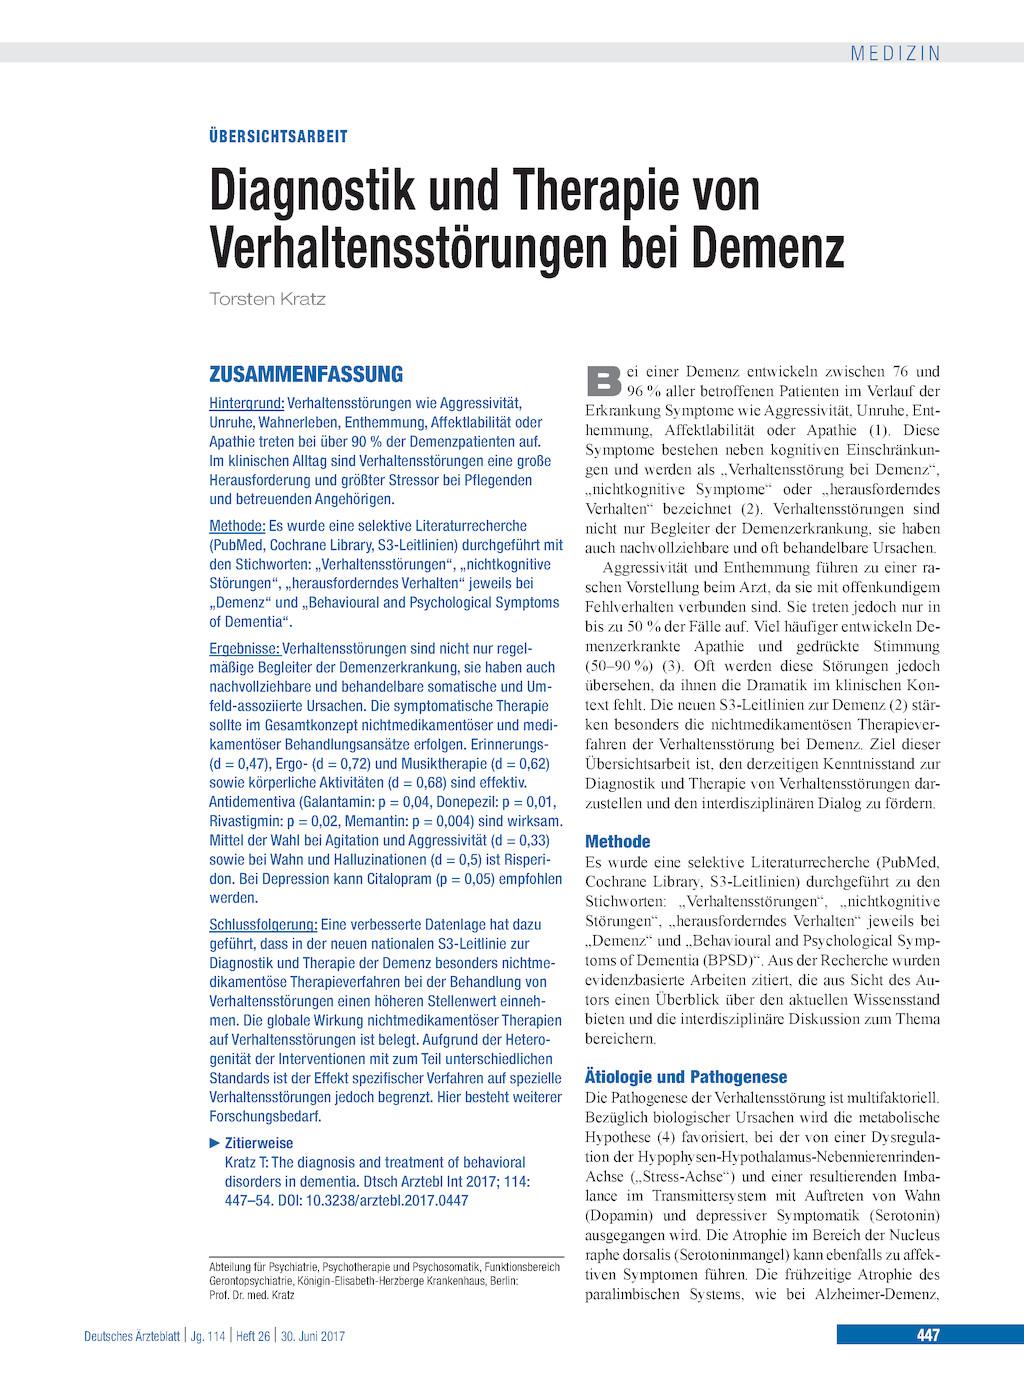 Diabetes und Kognition: Prädisposition zur Demenz